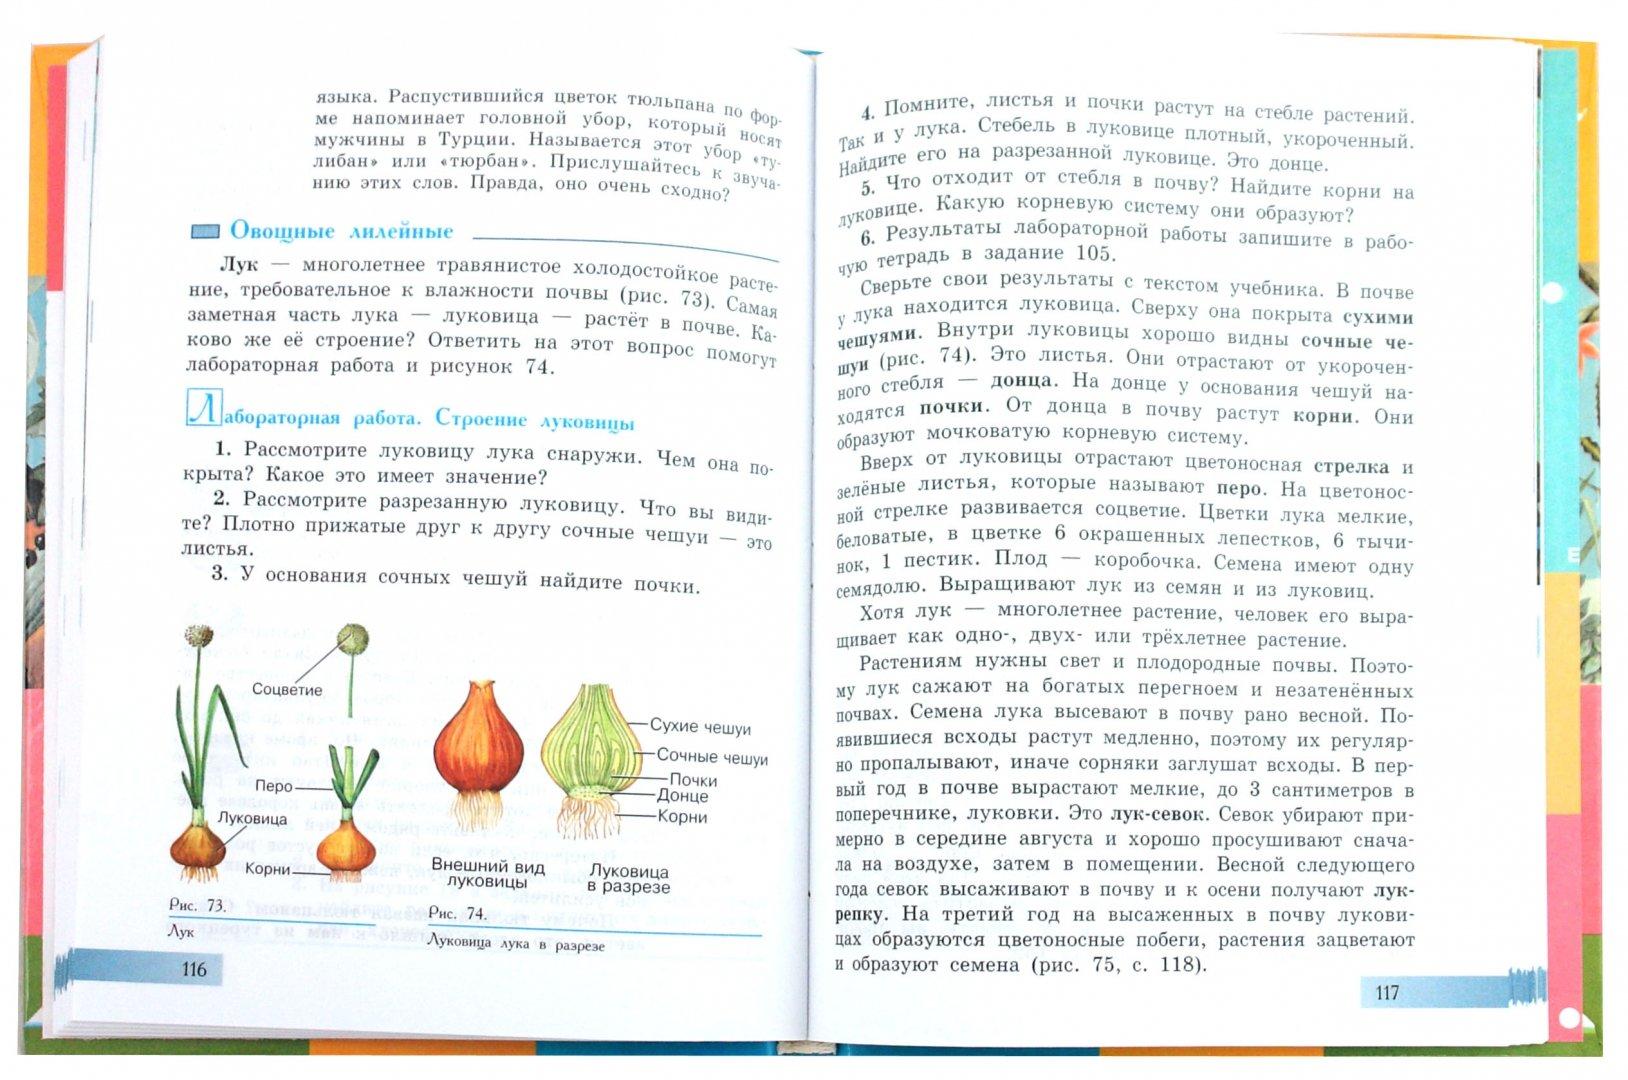 Иллюстрация 1 из 7 для Биология. Растения. Бактерии. Грибы. 7 класс. Учебник, реализующий адапт. общеобразоват. программы - Зоя Клепинина | Лабиринт - книги. Источник: Лабиринт